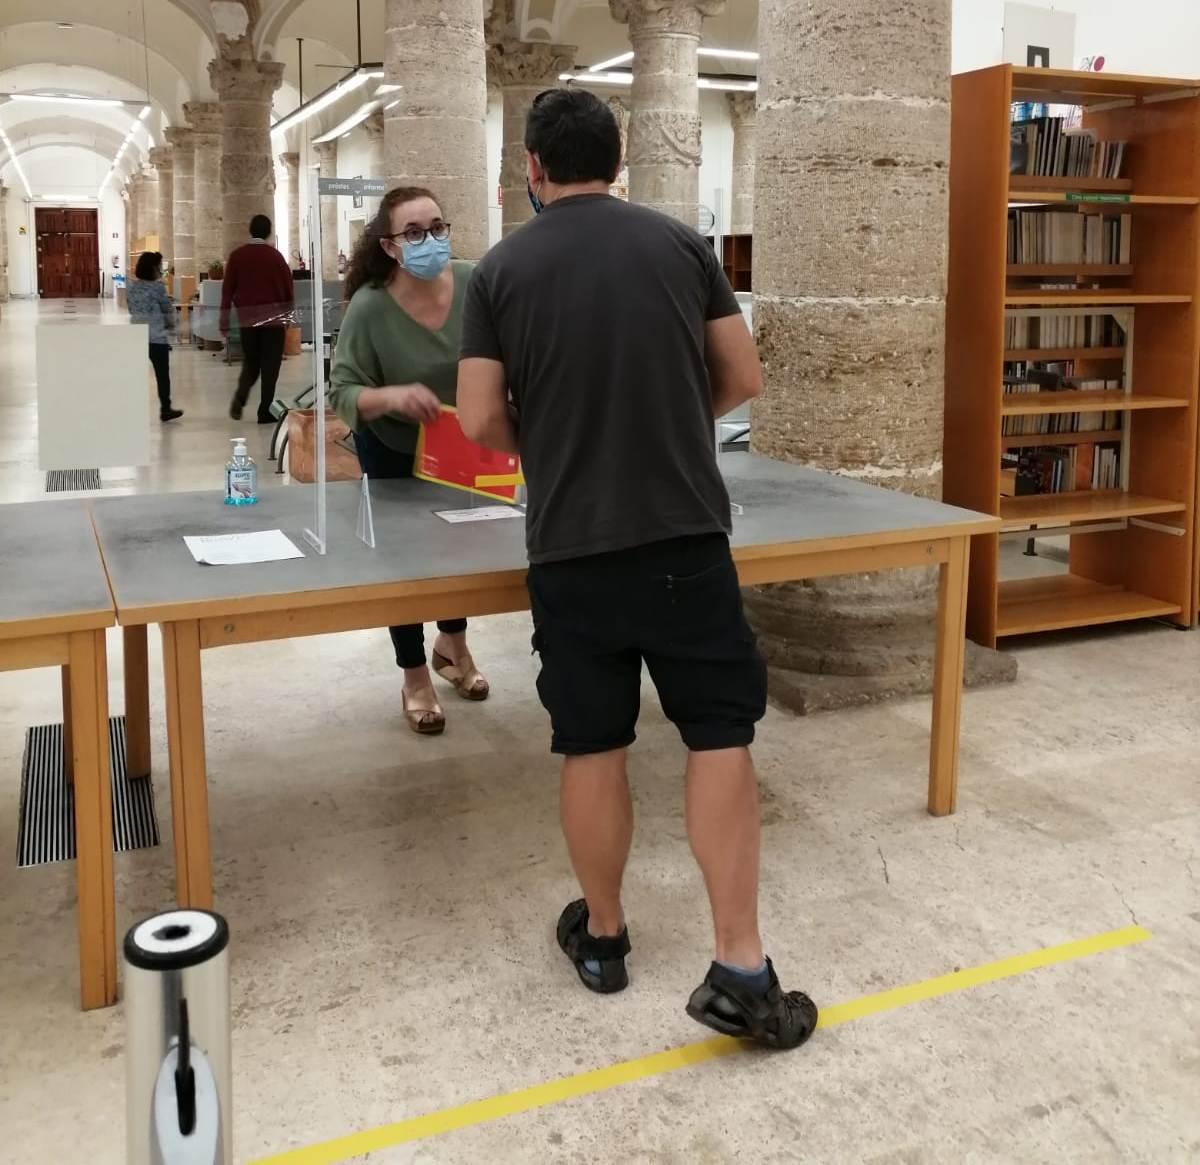 Las bibliotecas de la Generalitat registran en su apertura una afluencia de visitantes moderada y constante